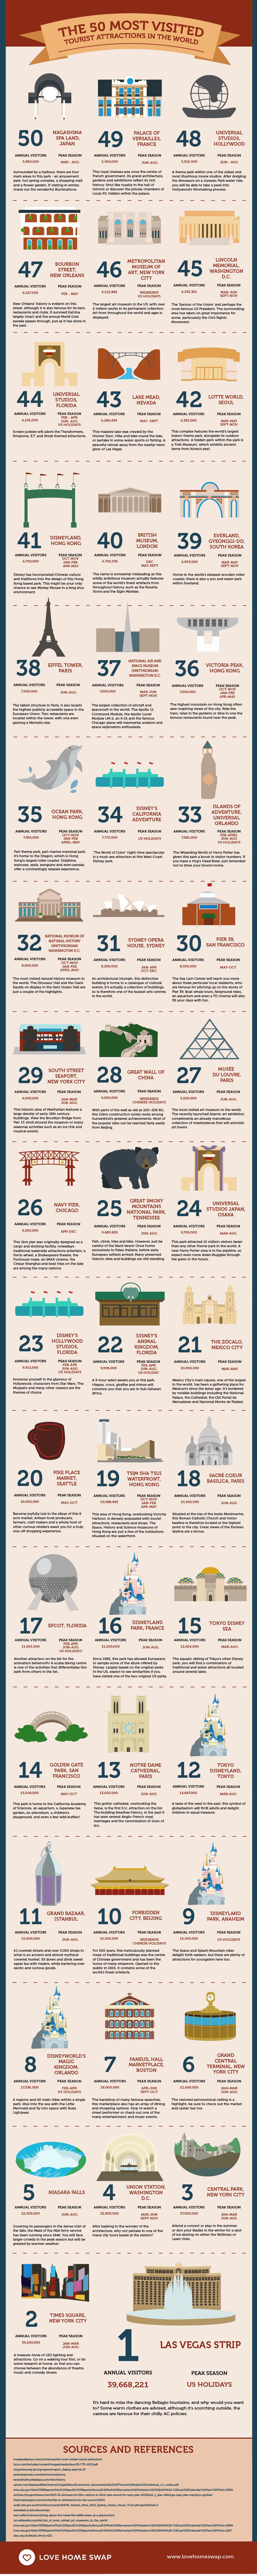 Infographie monuments les plus visités au monde